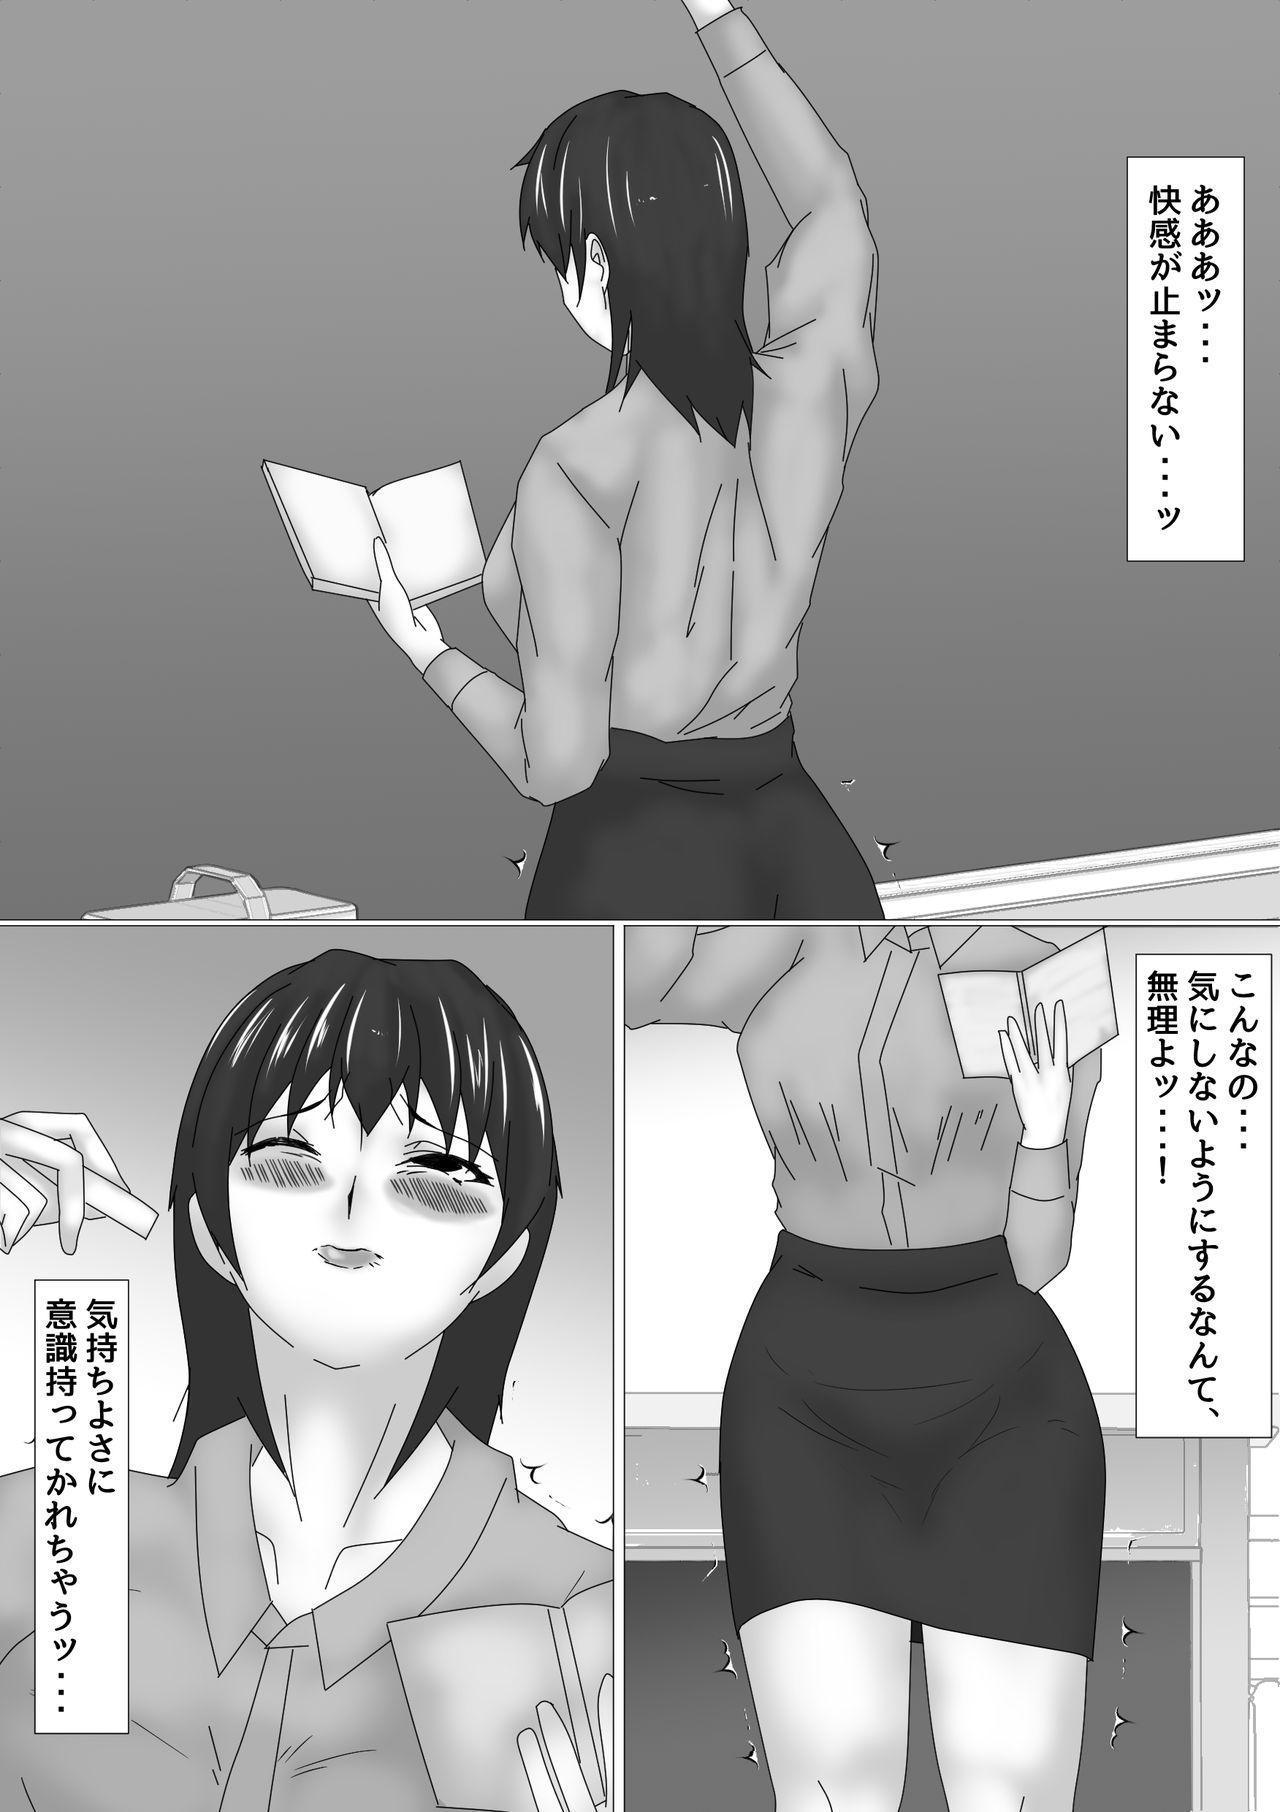 Onna Kyoushi Shinozaki Rin no Choukyou Kiroku 93